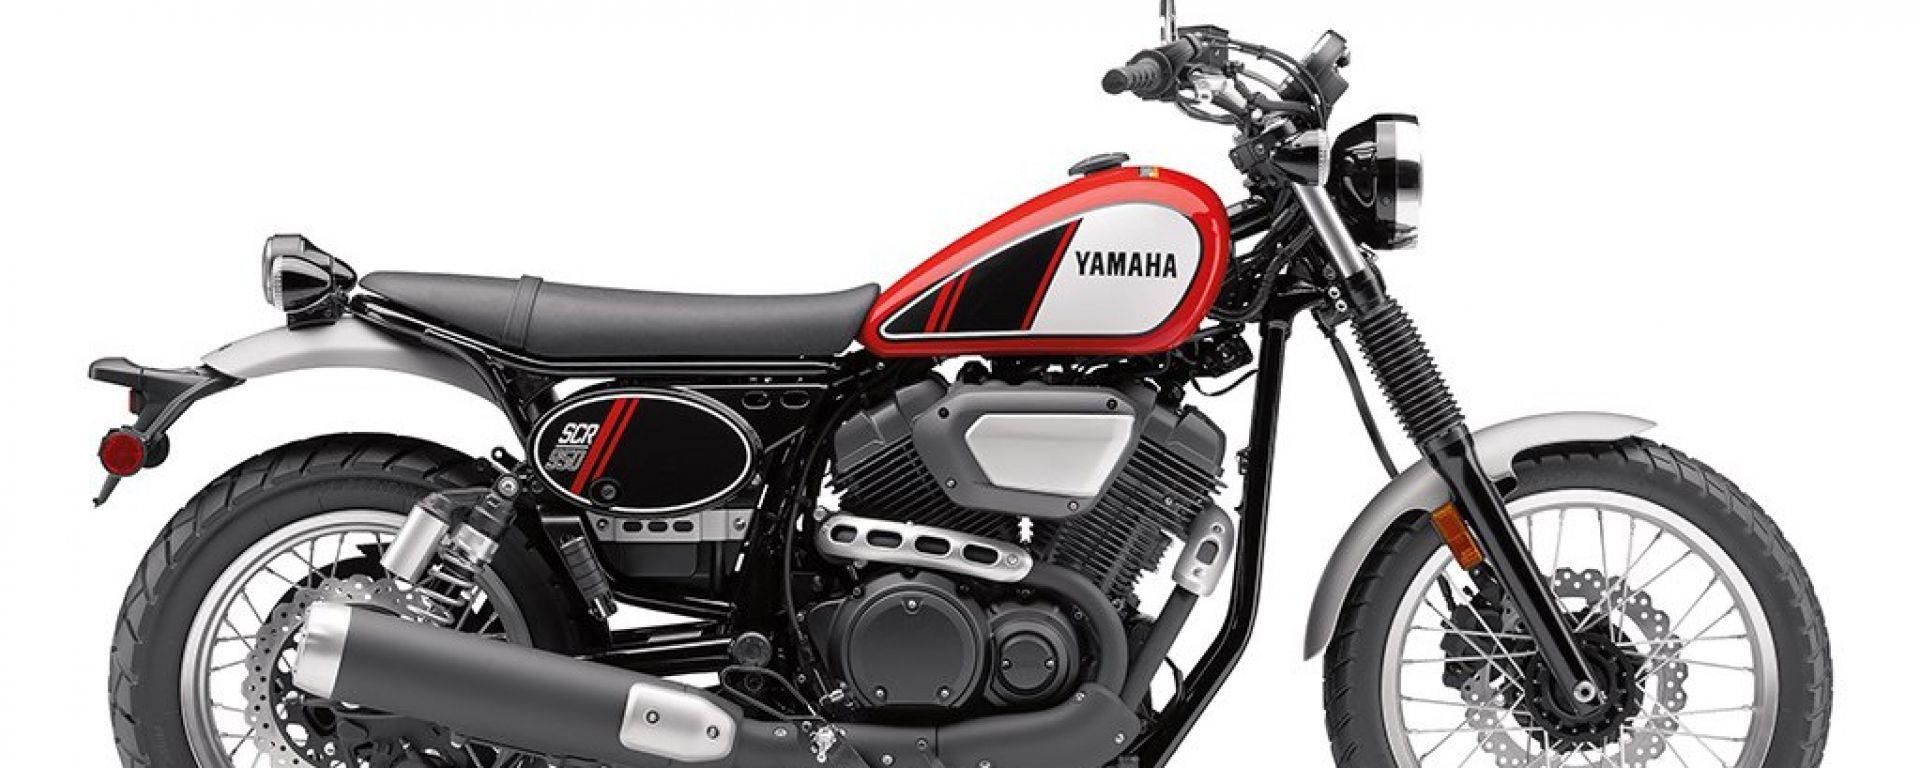 Yamaha: la SCR950 potrebbe arrivare anche in Europa